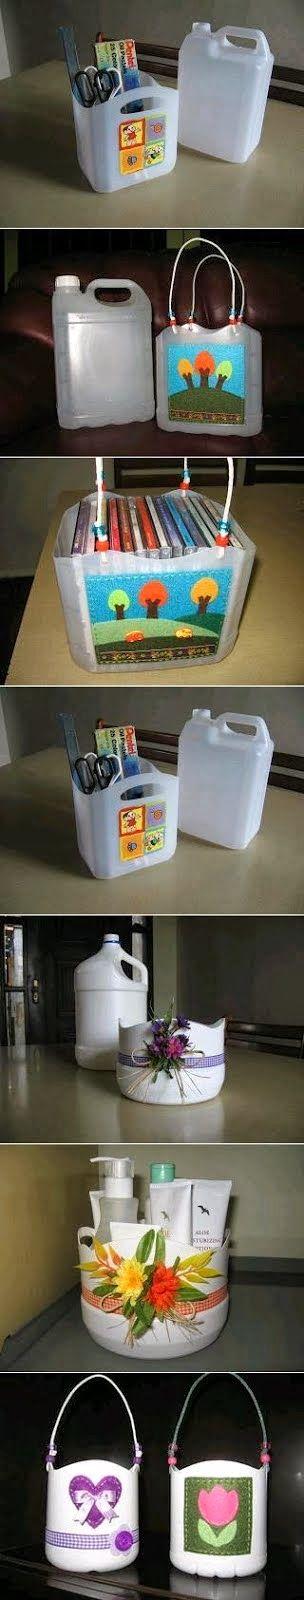 Dale una segunda vida a las botellas de plástico con este original tip. #reciclar #DIY #botellas #plastico